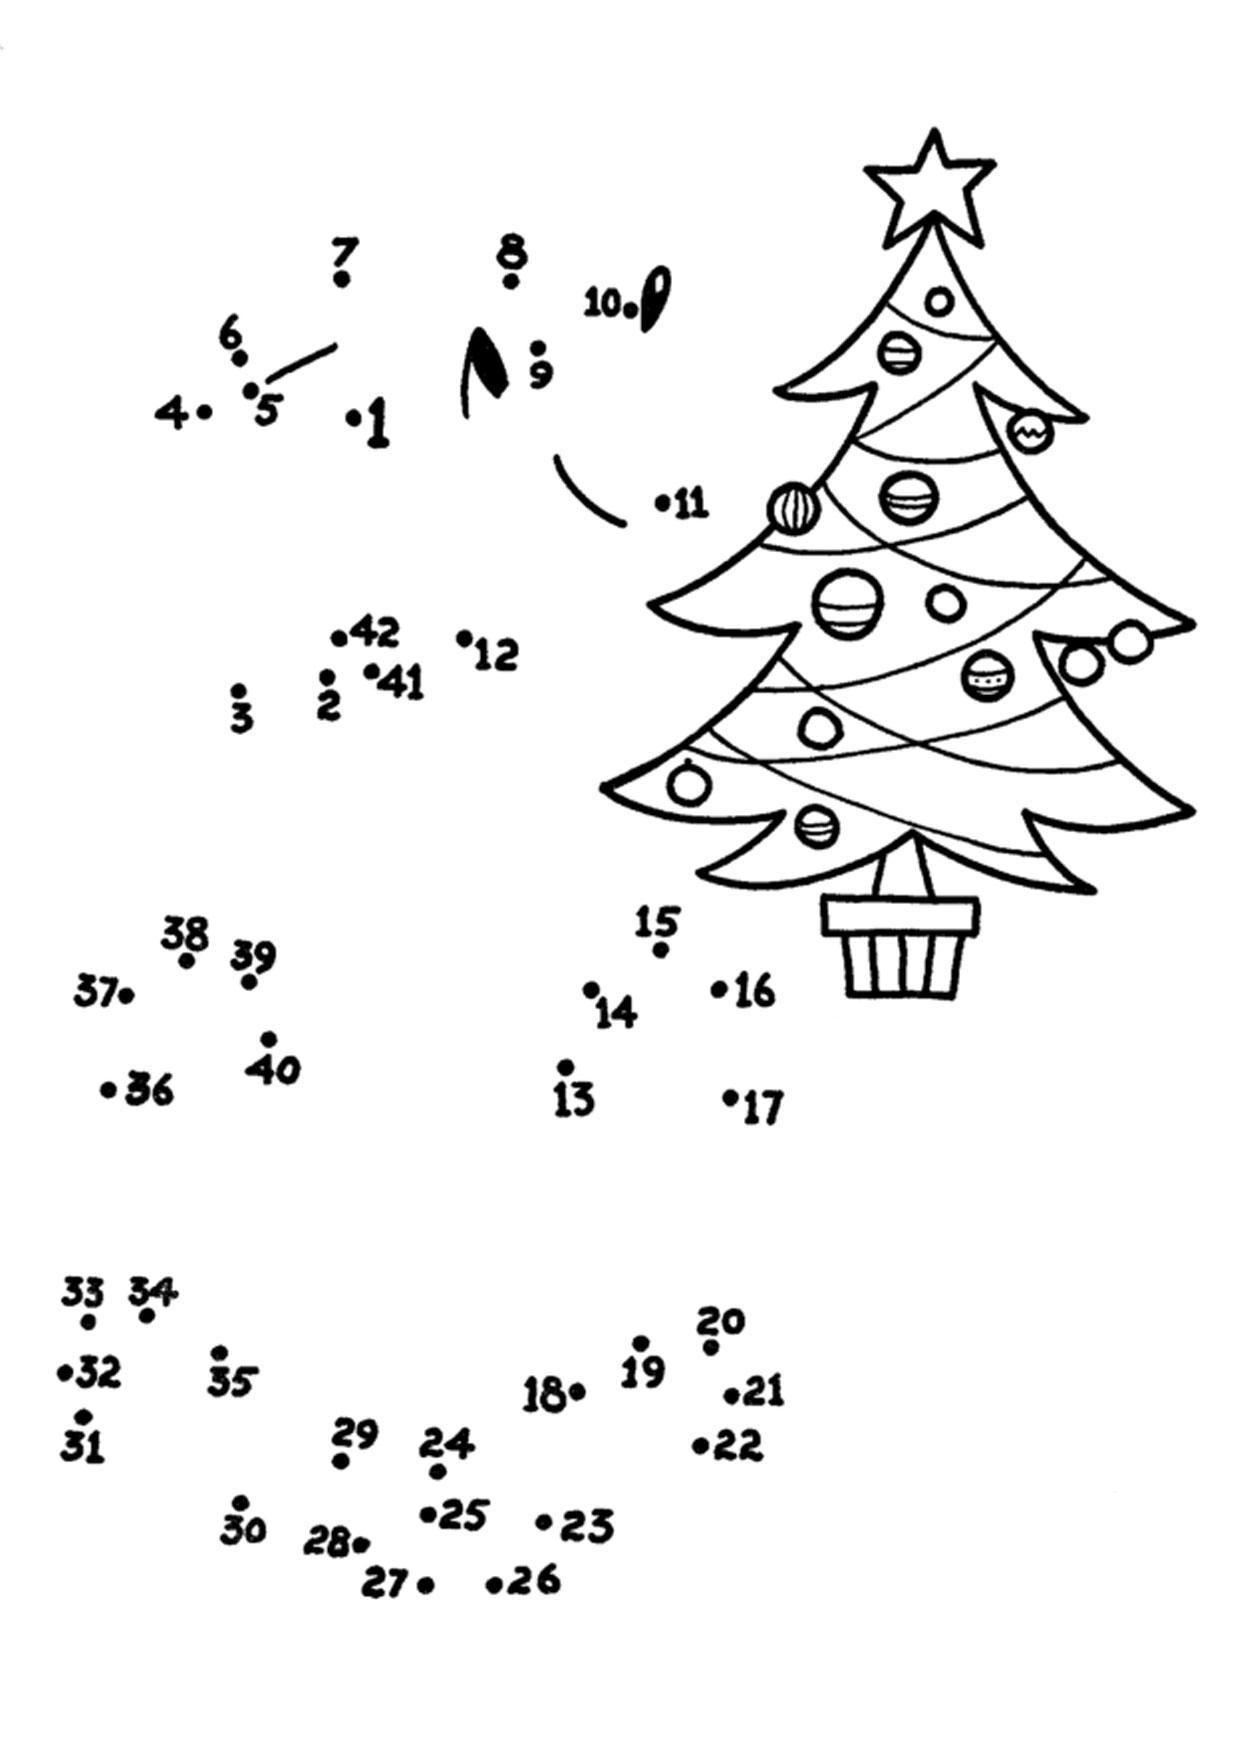 Unisci i puntini albero di Natale 1-42